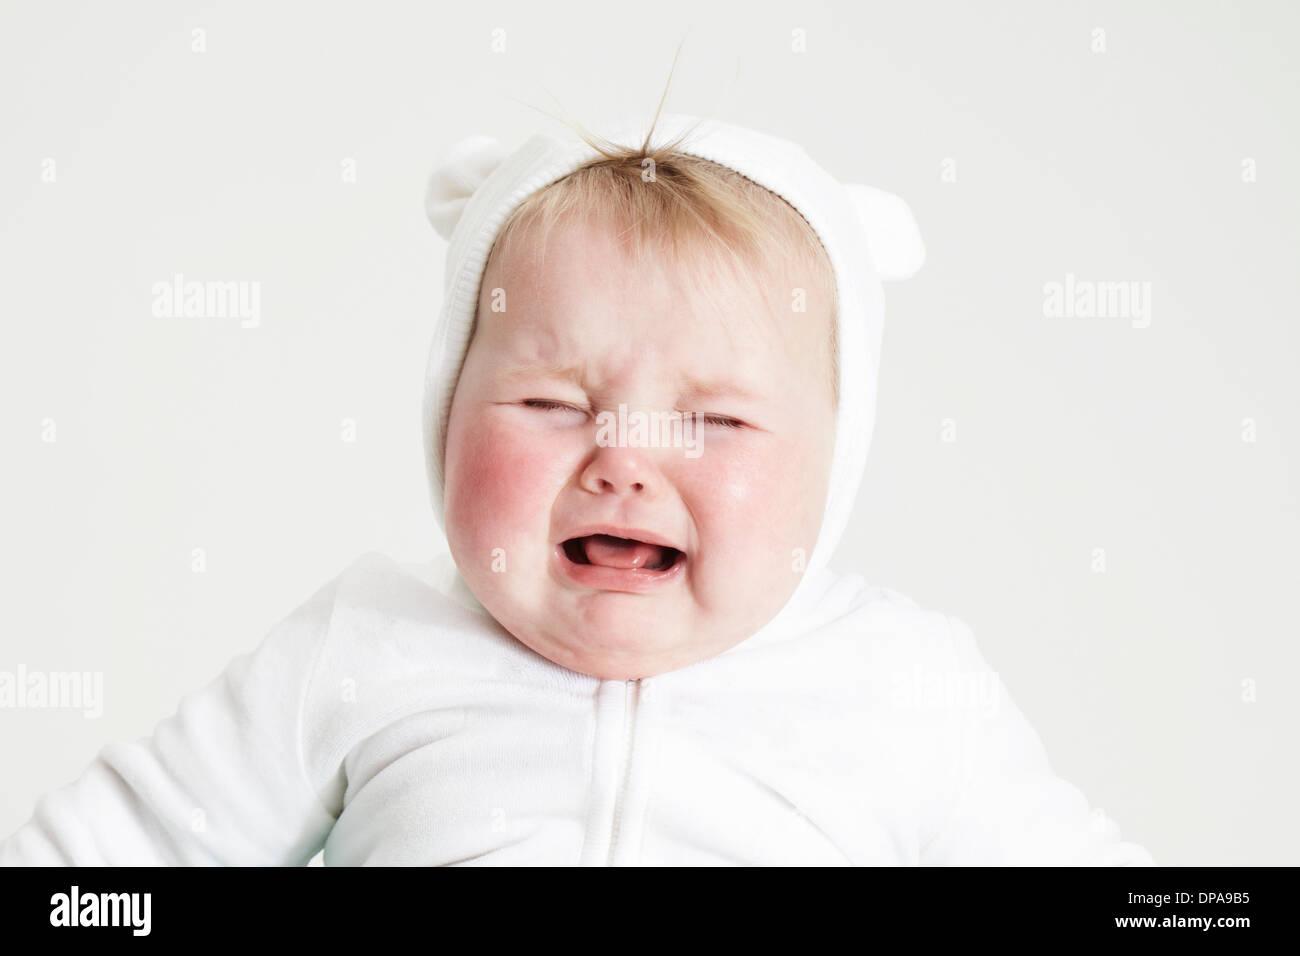 Baby girl crying - Stock Image